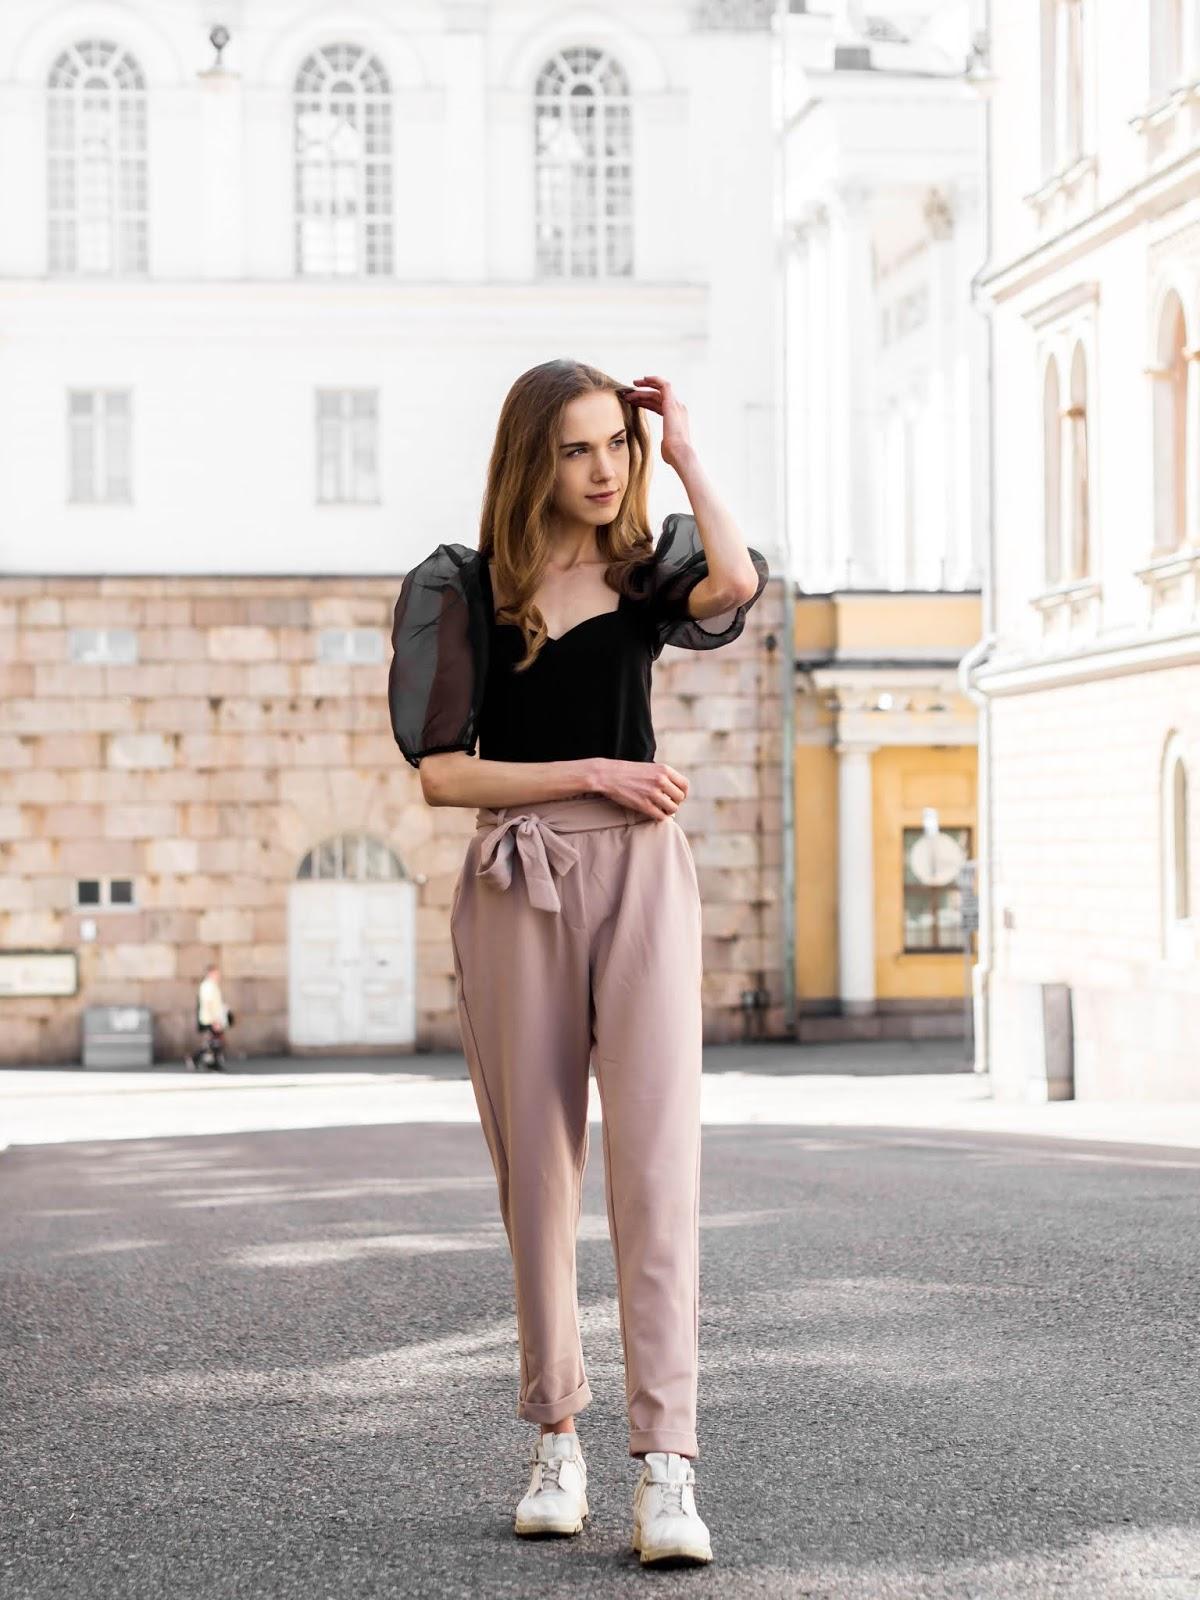 How to style puff sleeves - Kuinka pukeutua puhvihihoihin